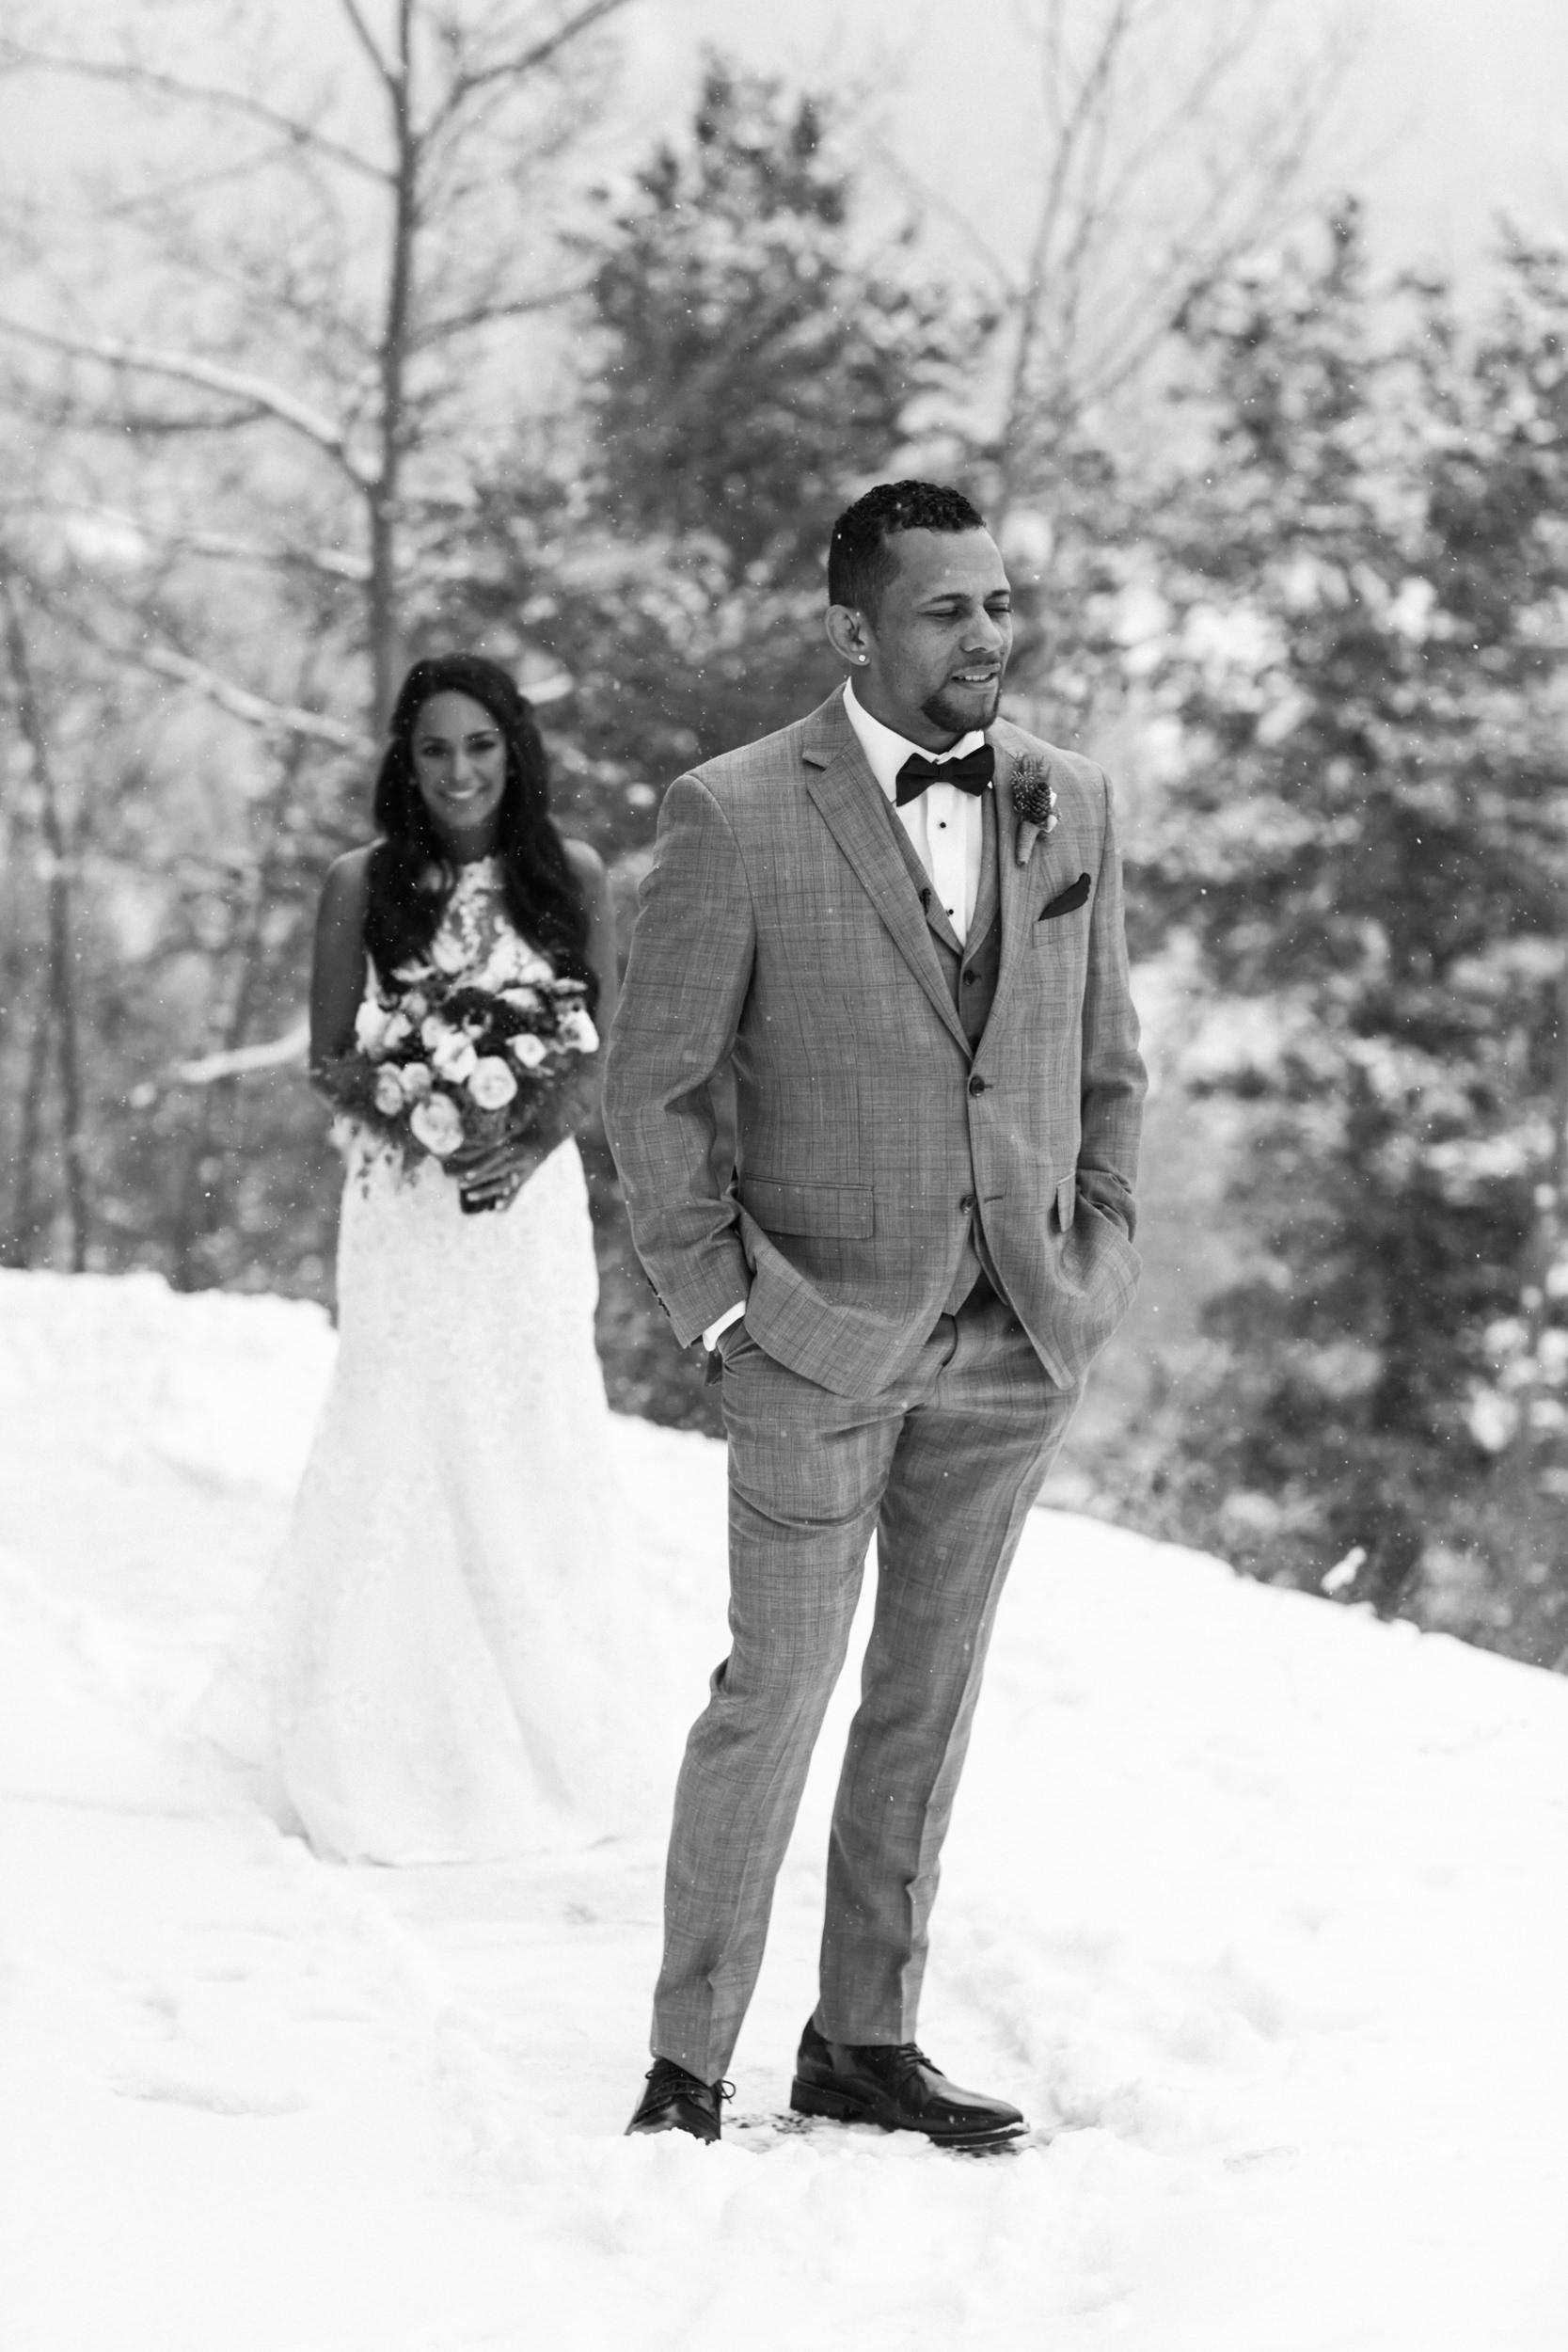 Bride behind groom on snowy mountain side in Brekenridge Colorado wedding.